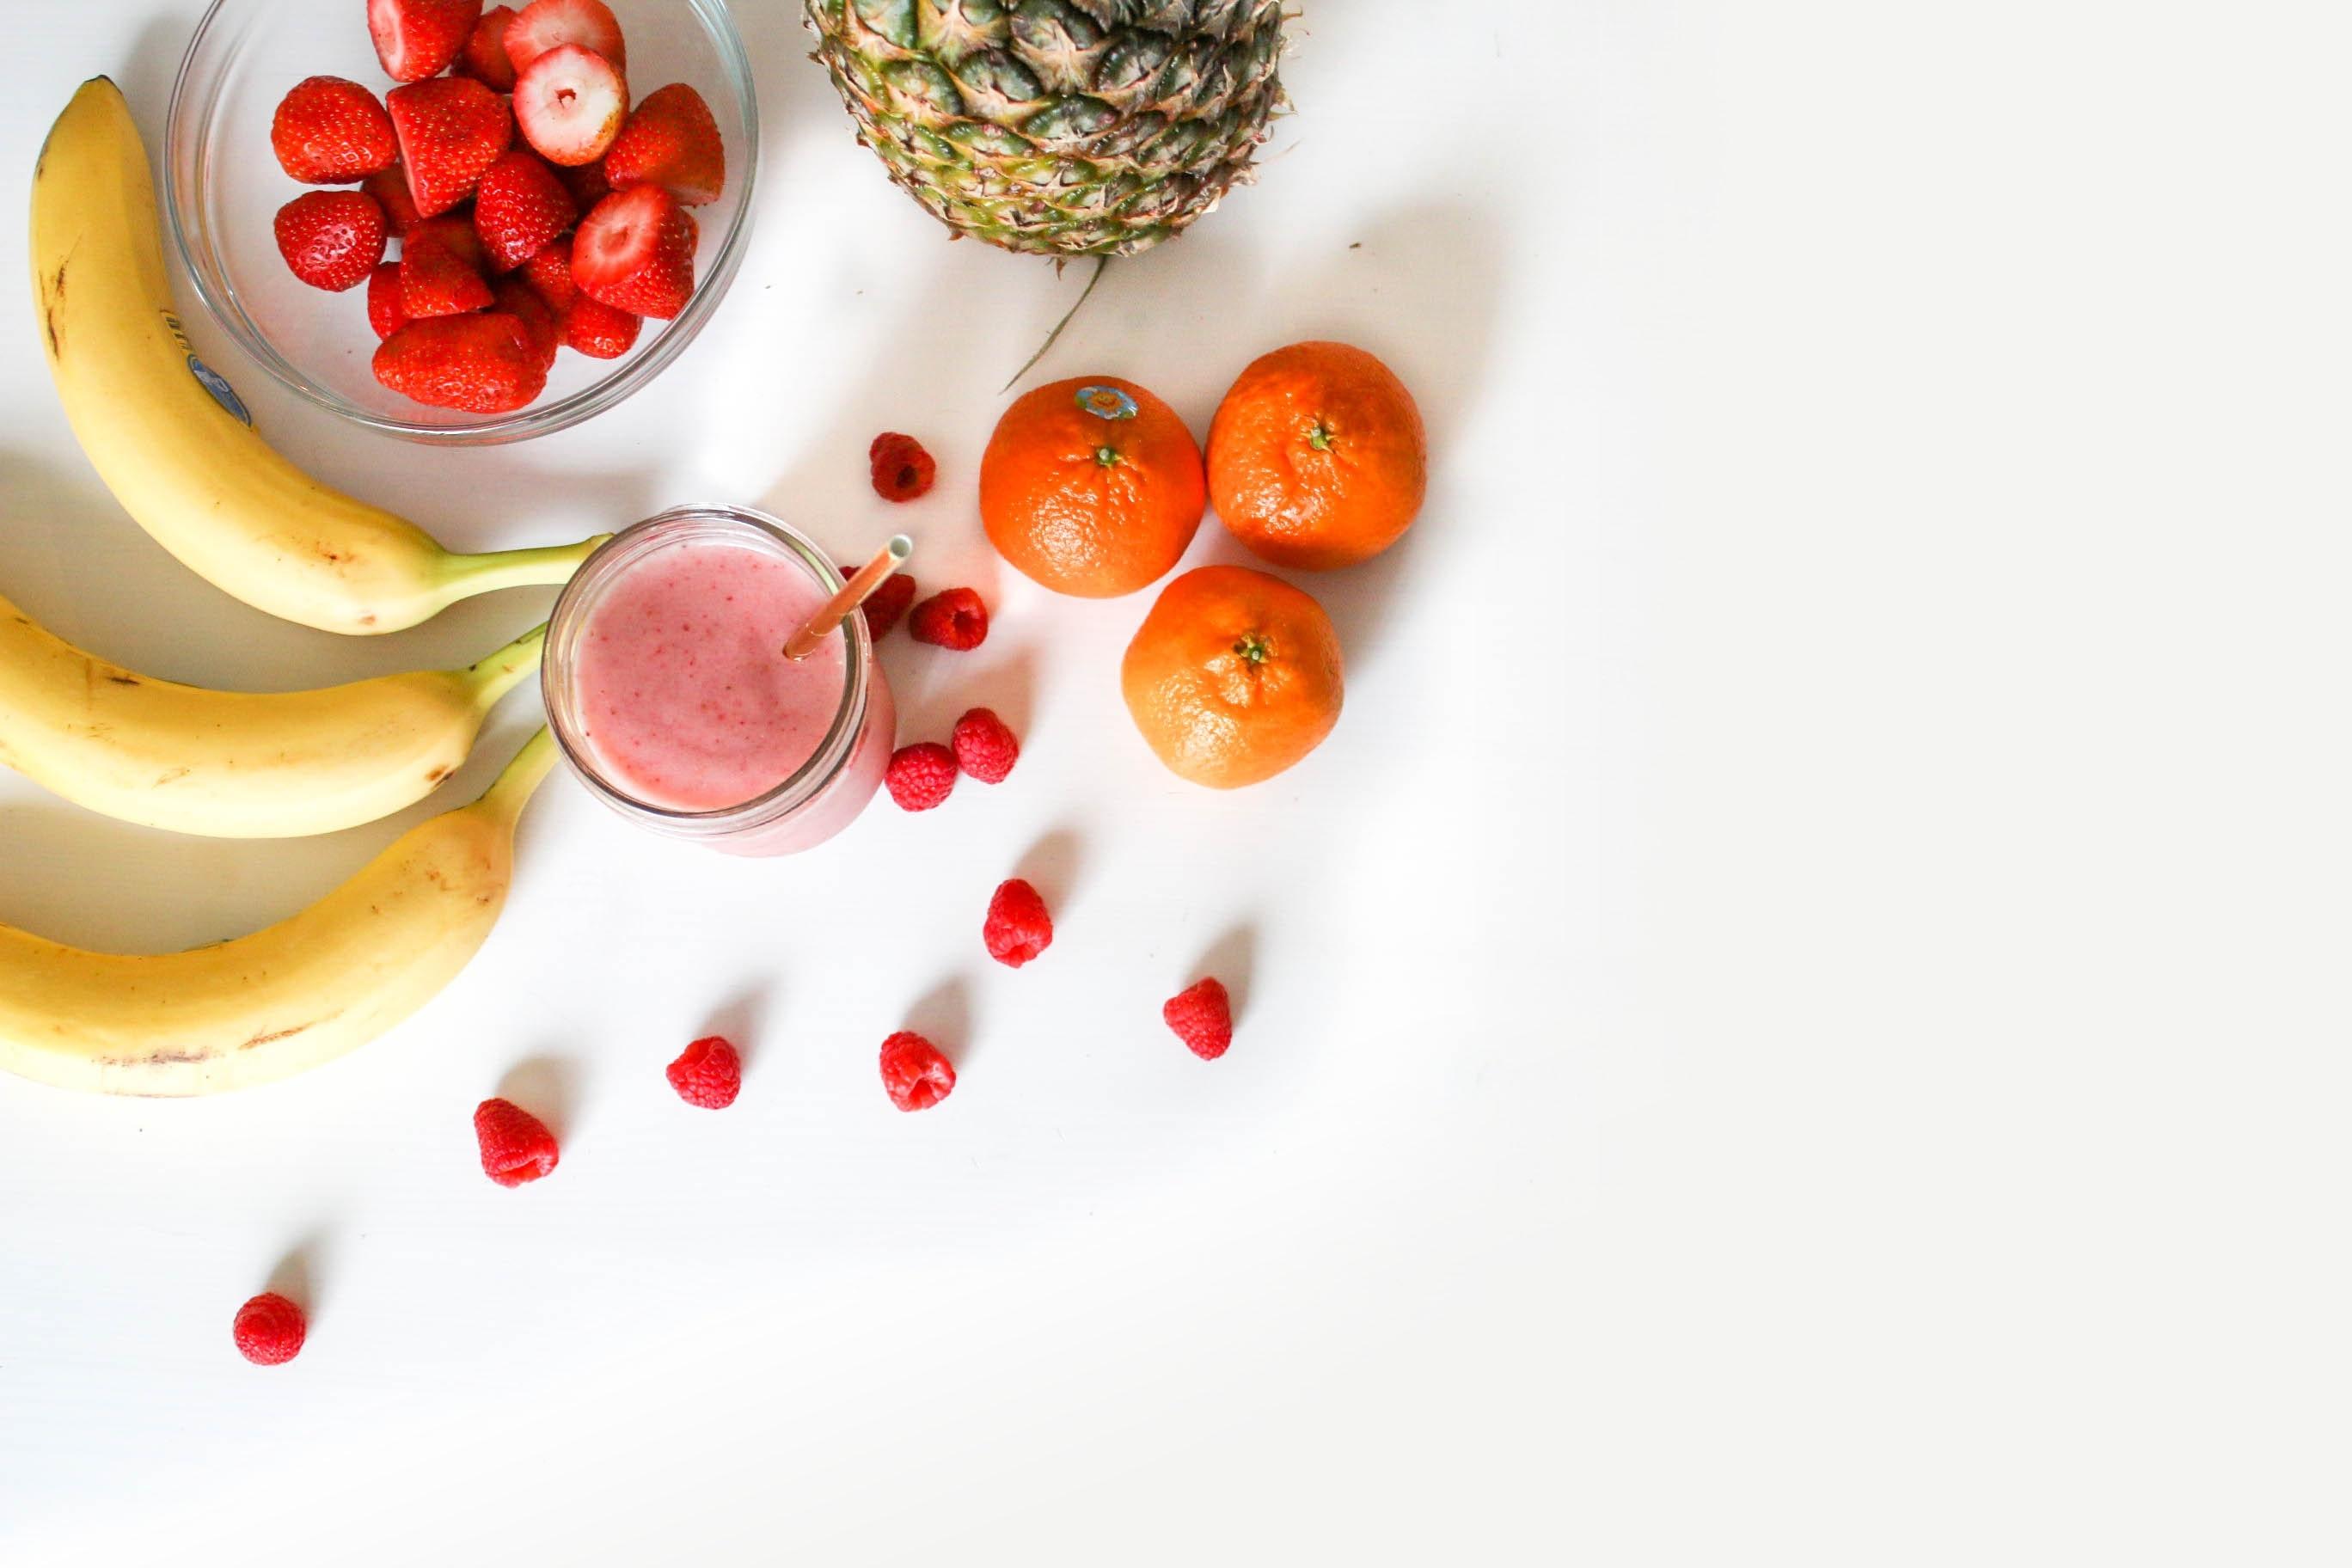 維生素介紹篇:人體必需的五大維生素介紹,教你如何有效攝取維生素唷!|永真生技,一氧化氮的專家